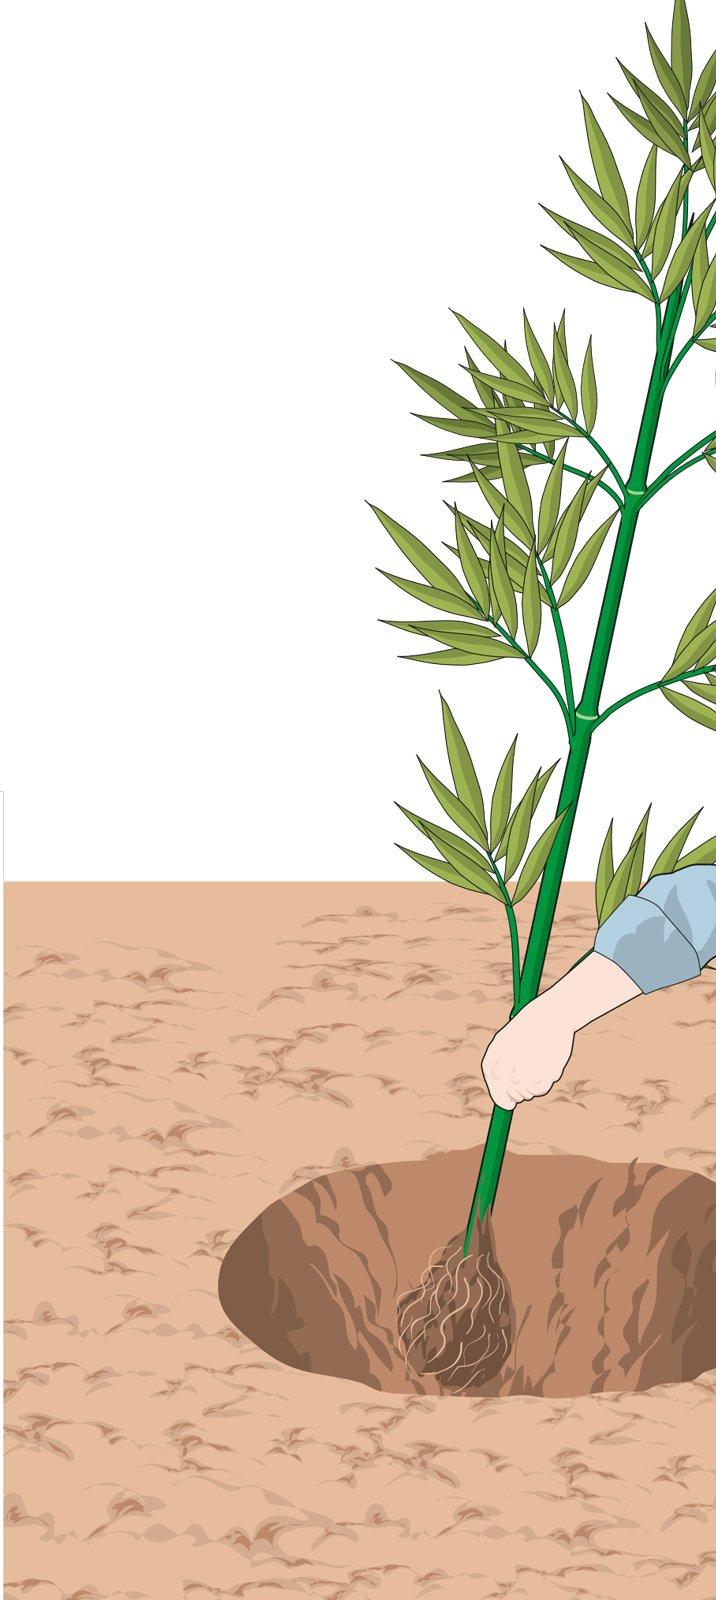 Vendita Piante Bambu Milano.Il Bambu Per Creare Una Barriera Verde Cose Di Casa